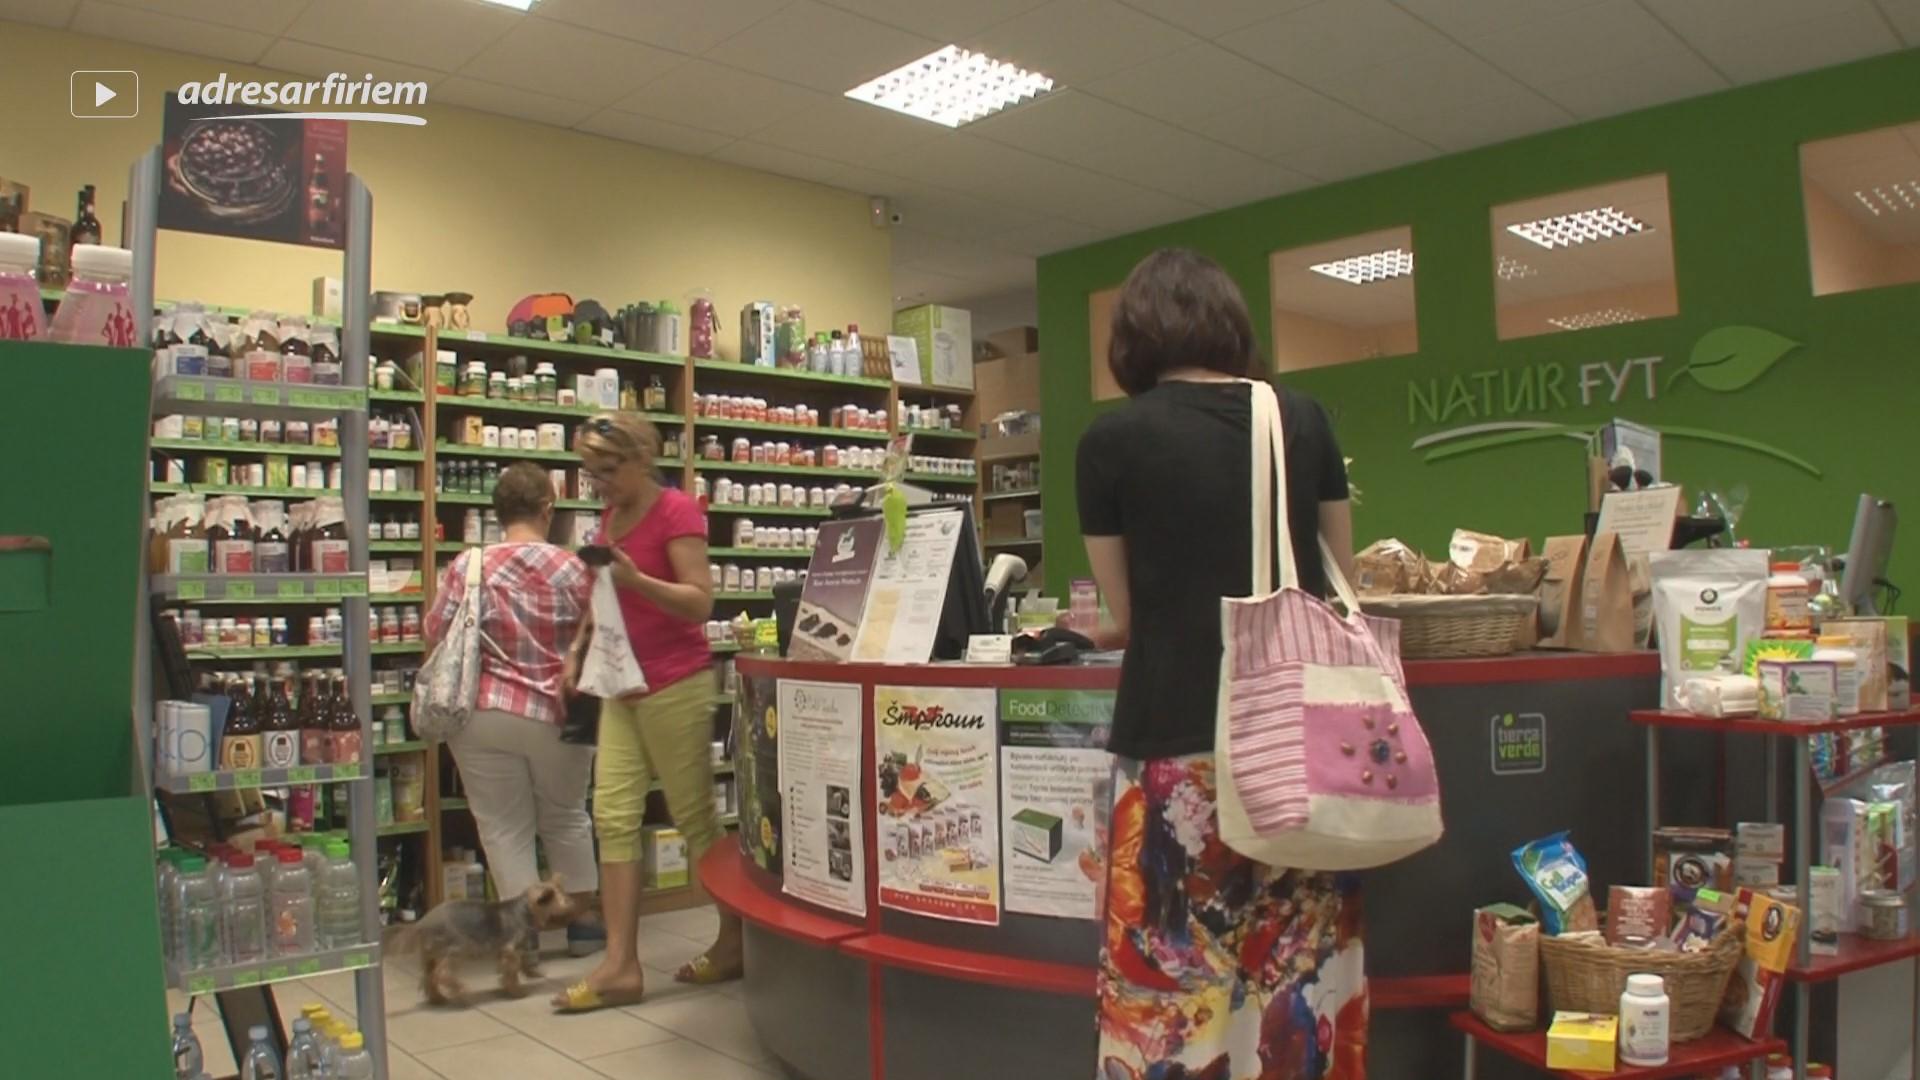 Video NATURFYT - zdravá výživa, bio potraviny Bratislava